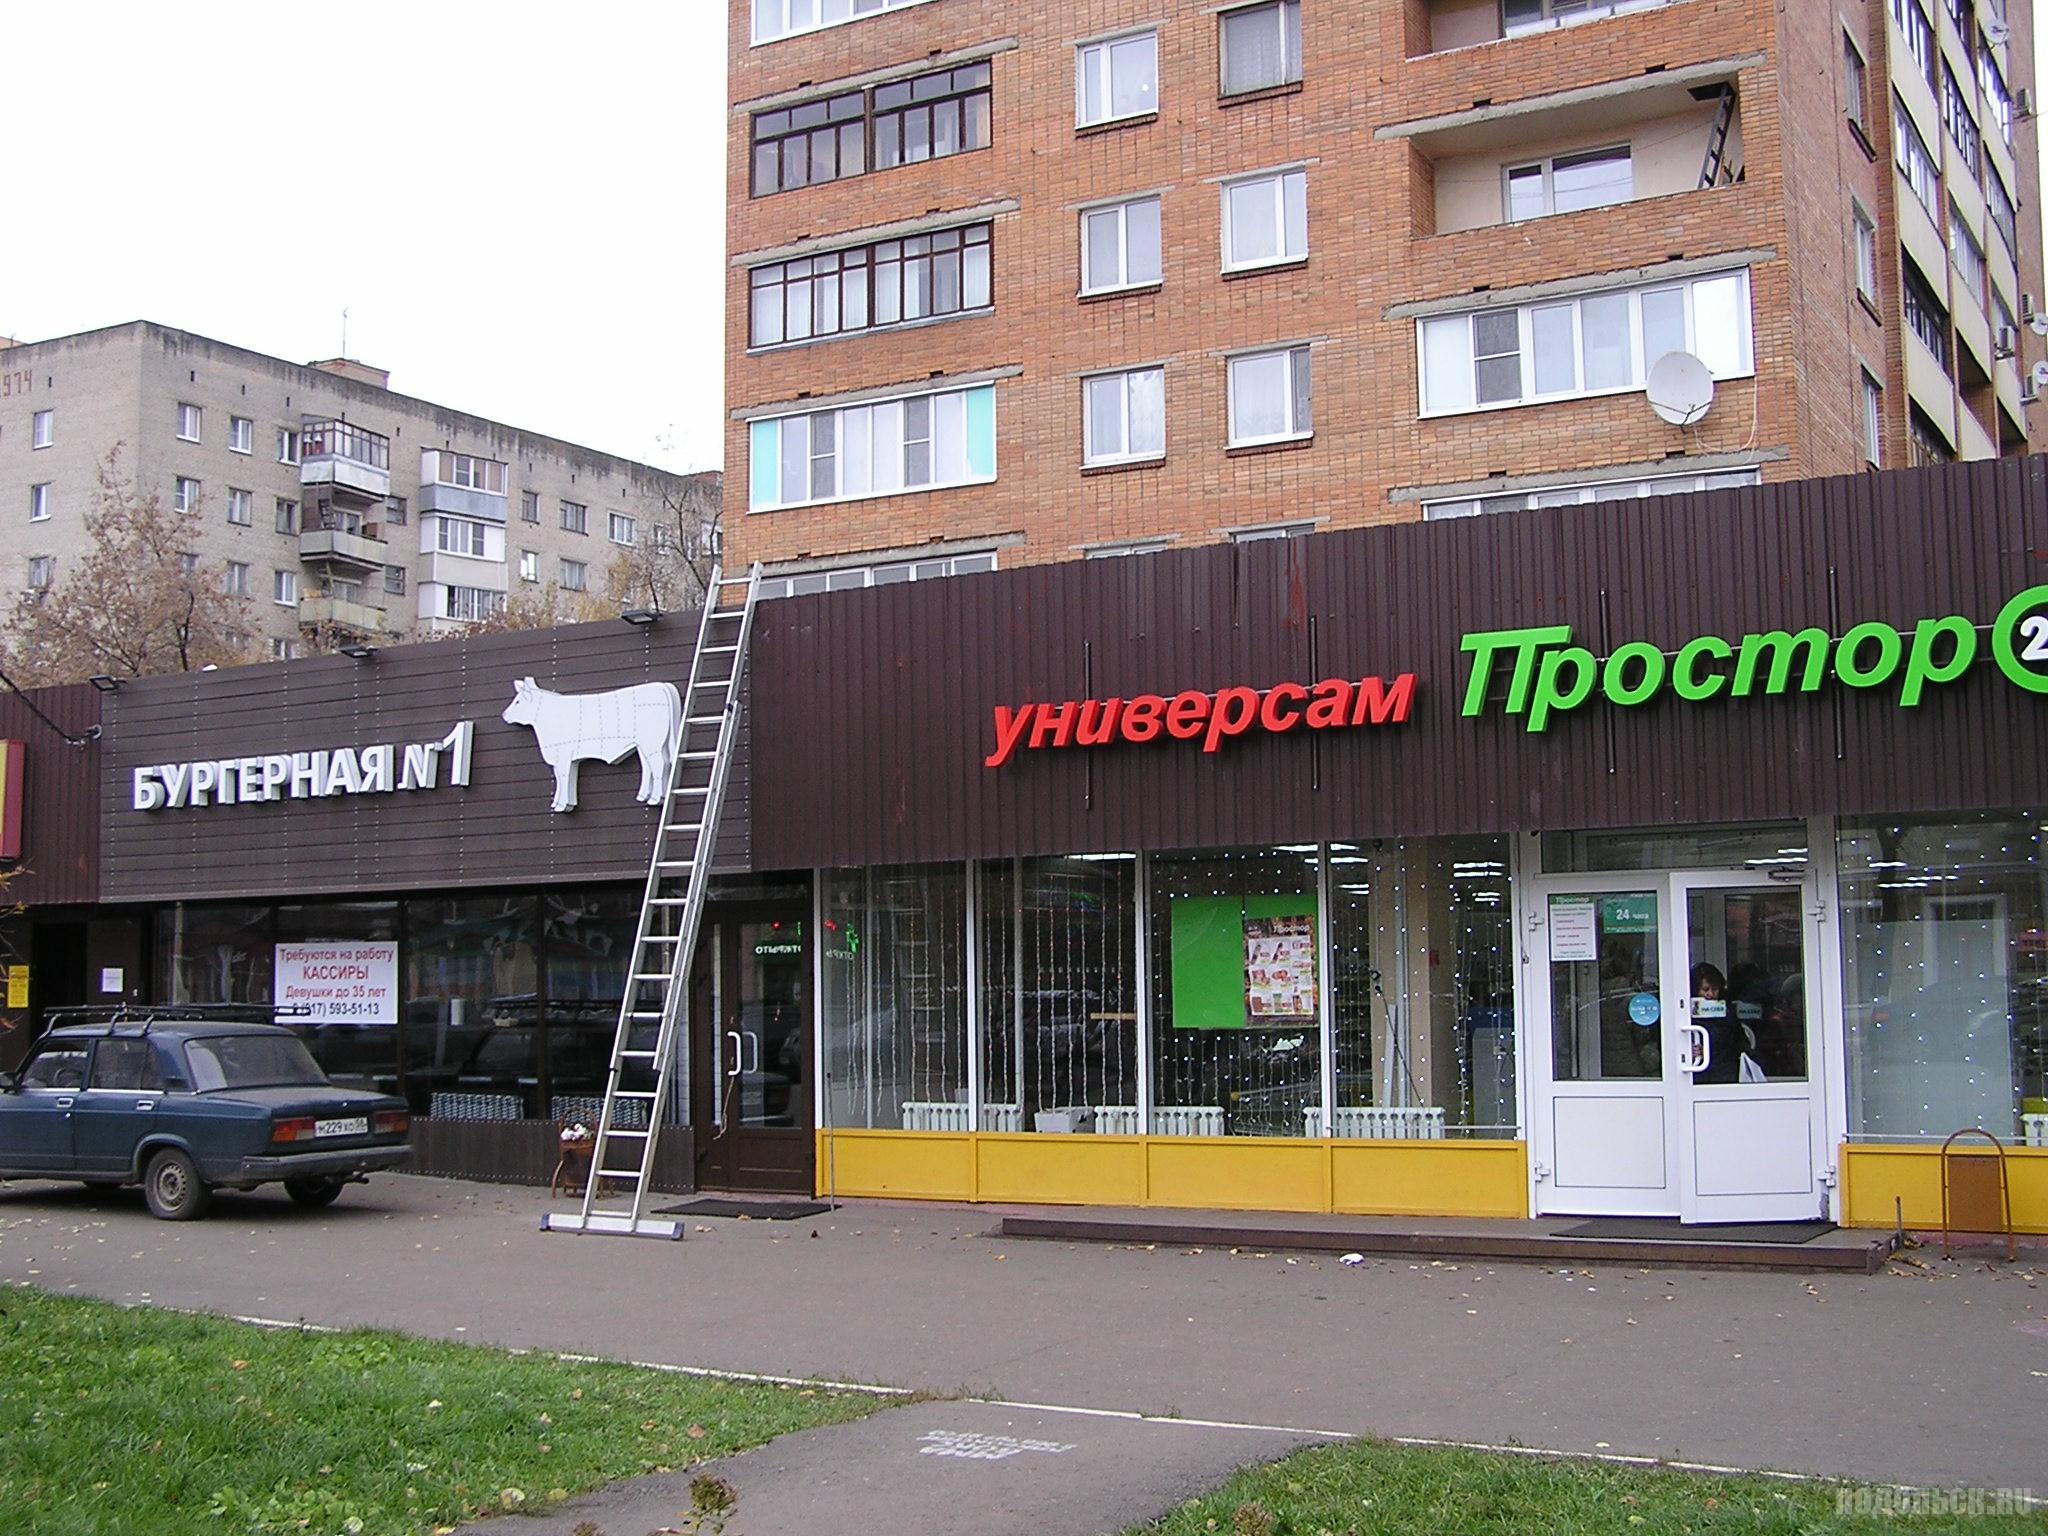 Бургерная № 1 на Ревпроспекте. 22.10.2016.